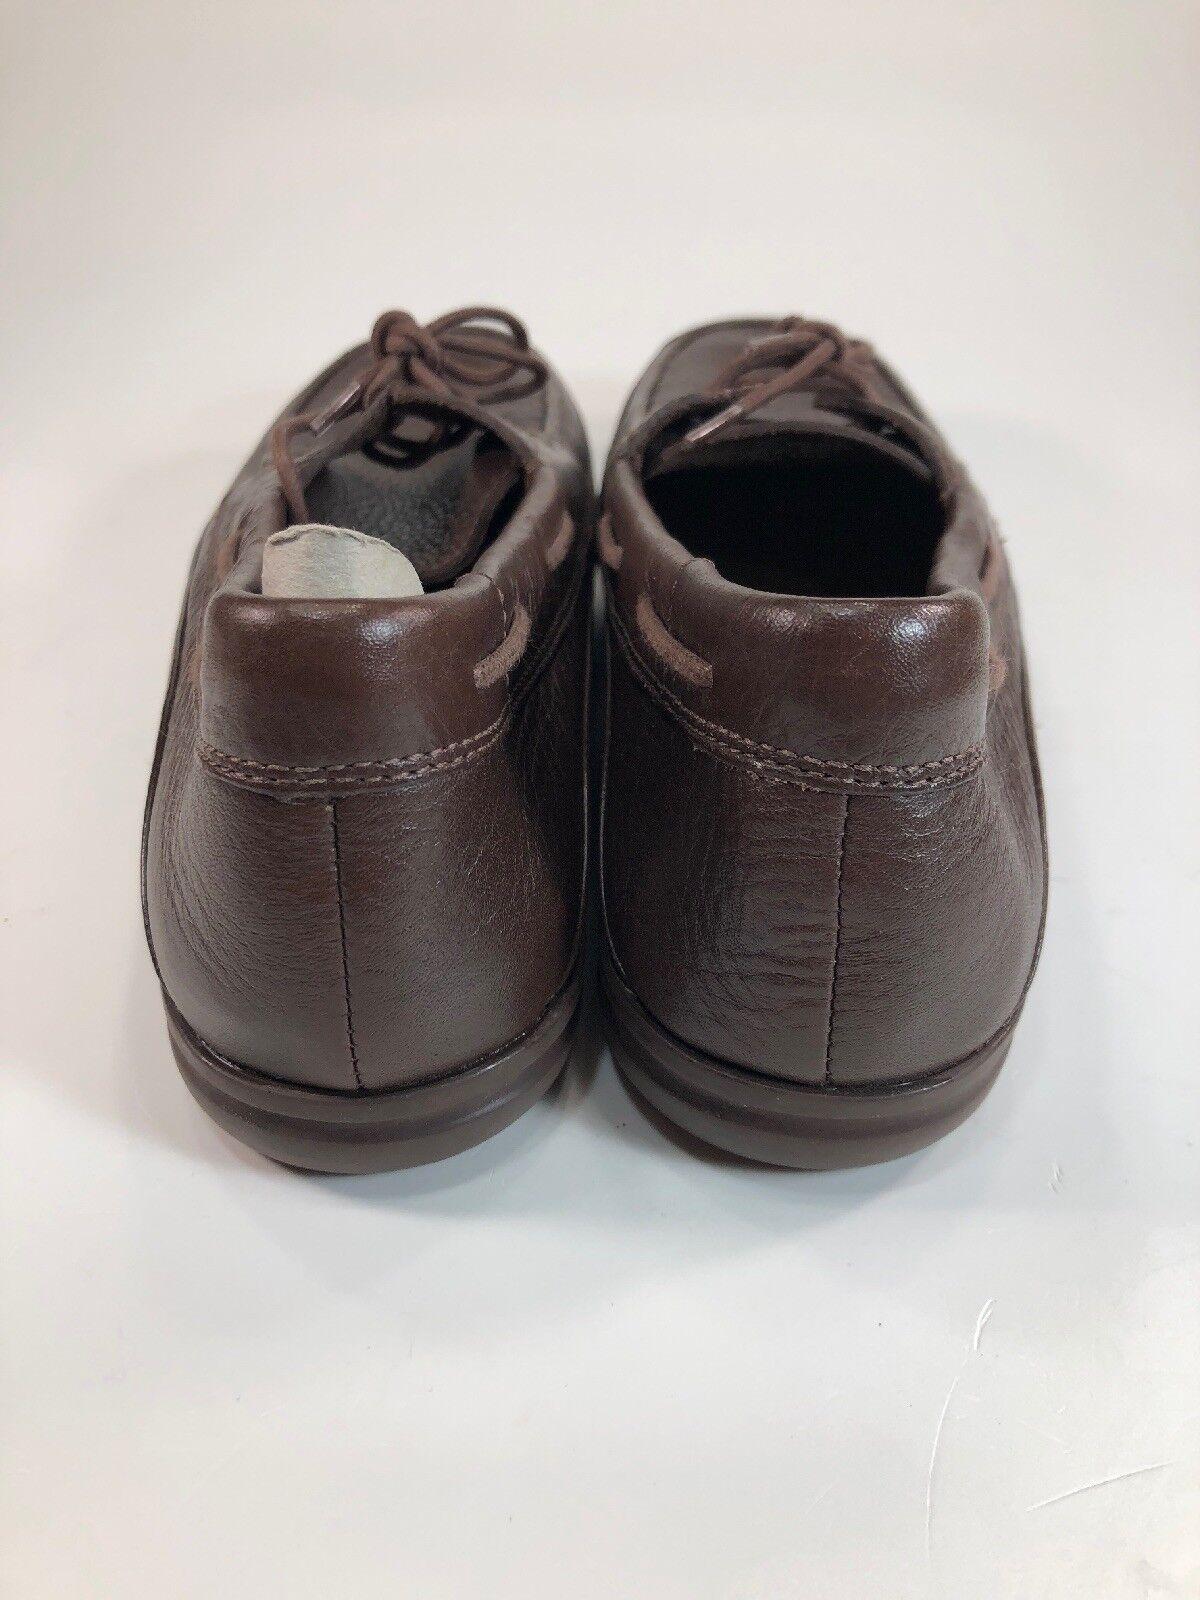 rot Wing schuhe Brand New braun Leather Lace Up schuhe schuhe schuhe damen Größe 10 B fa007c